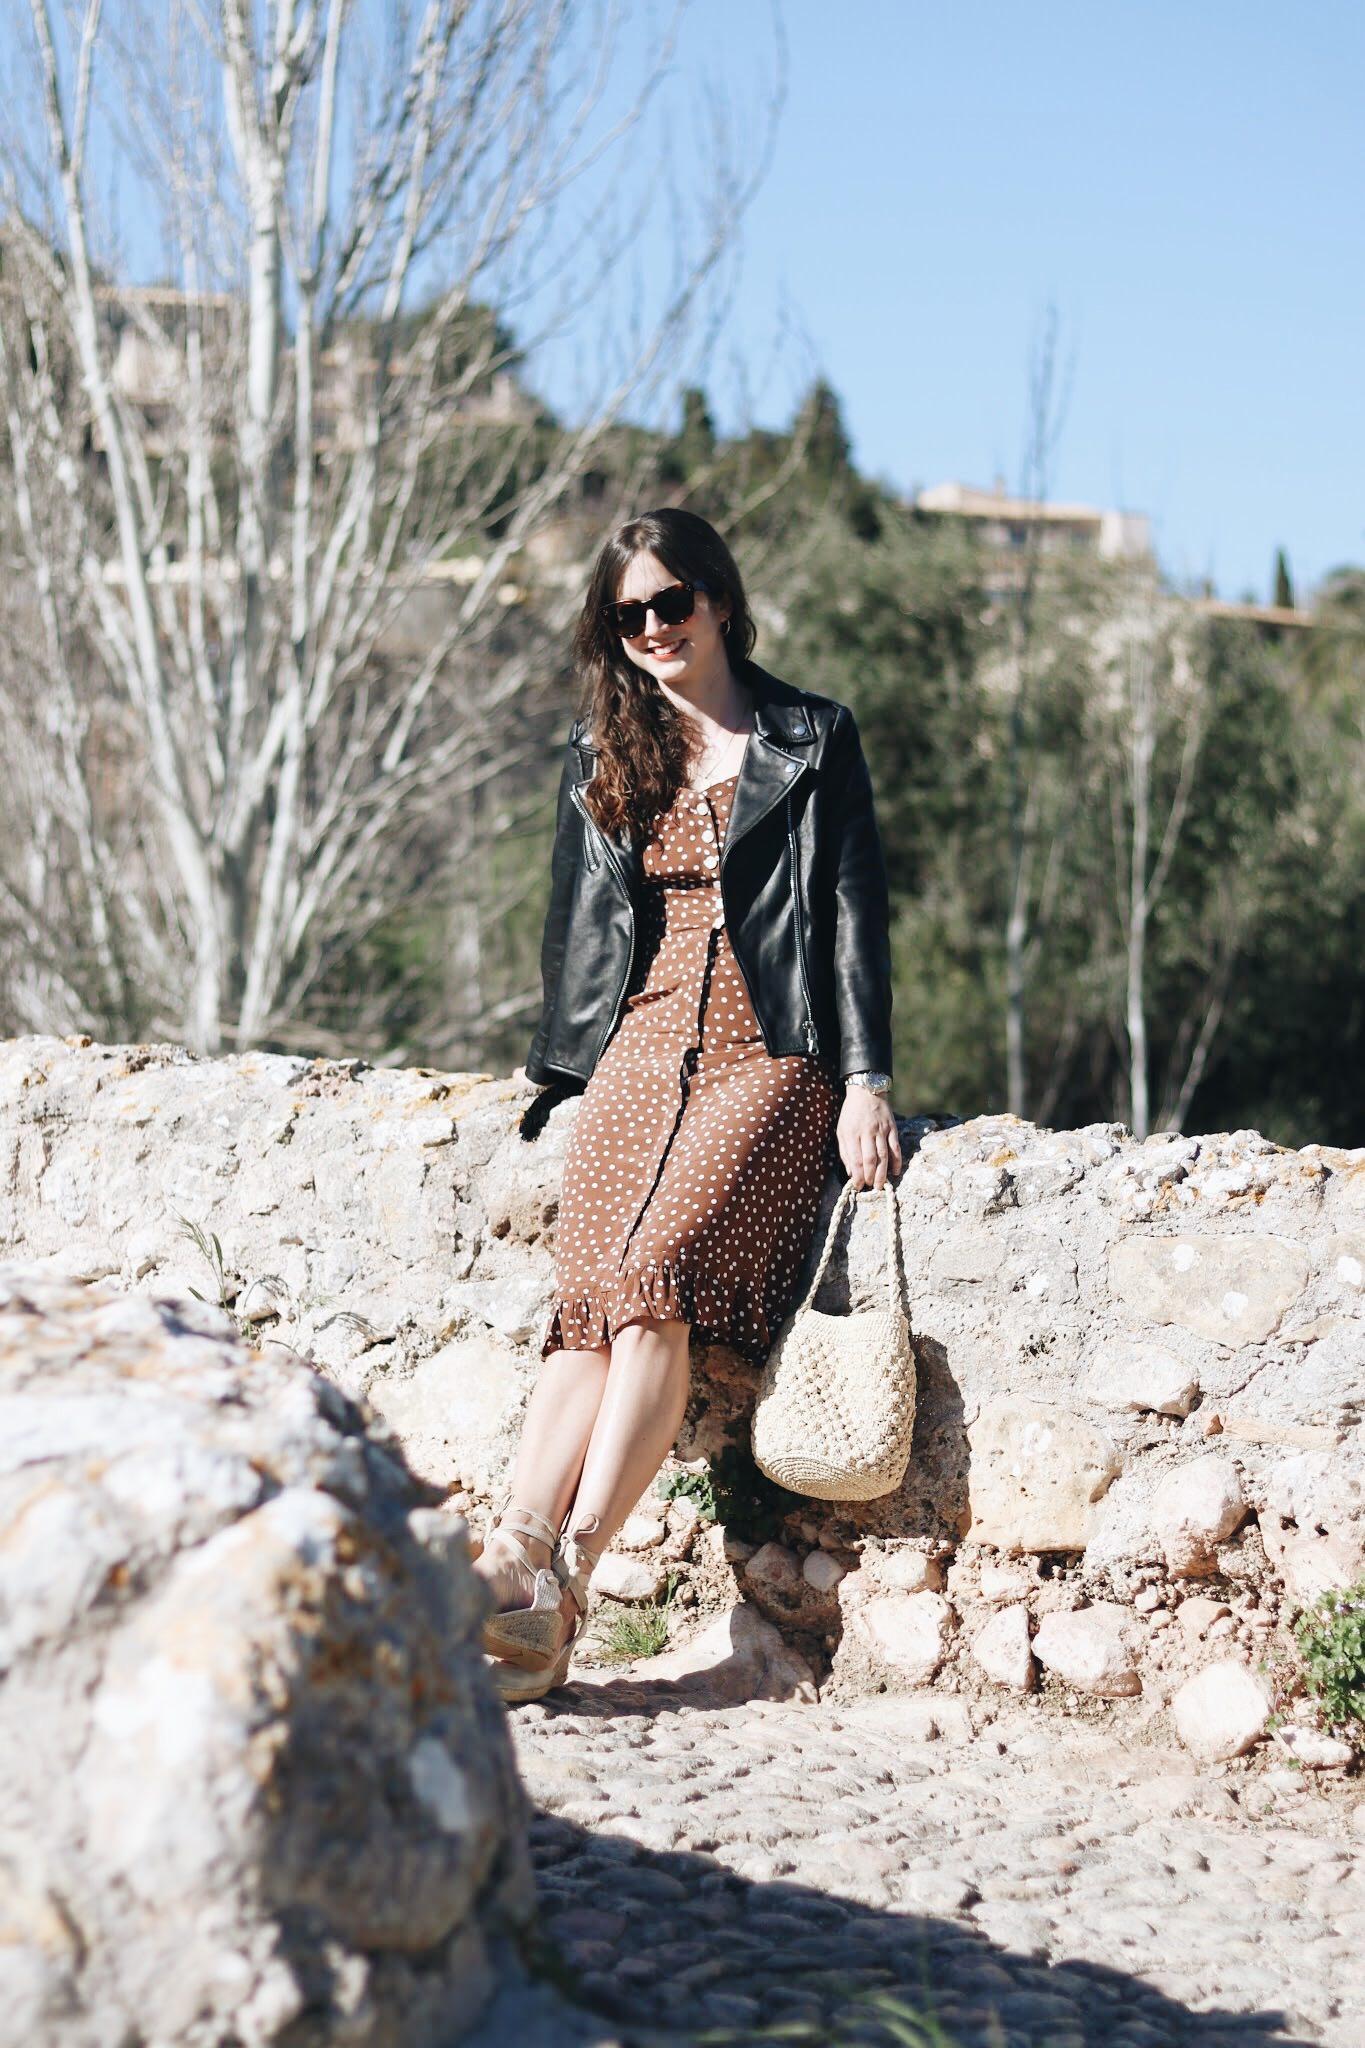 French Chic Polka Dots Midikleid Korbtasche Modetrends Modeblog deutsch Mallorca Reisetipps